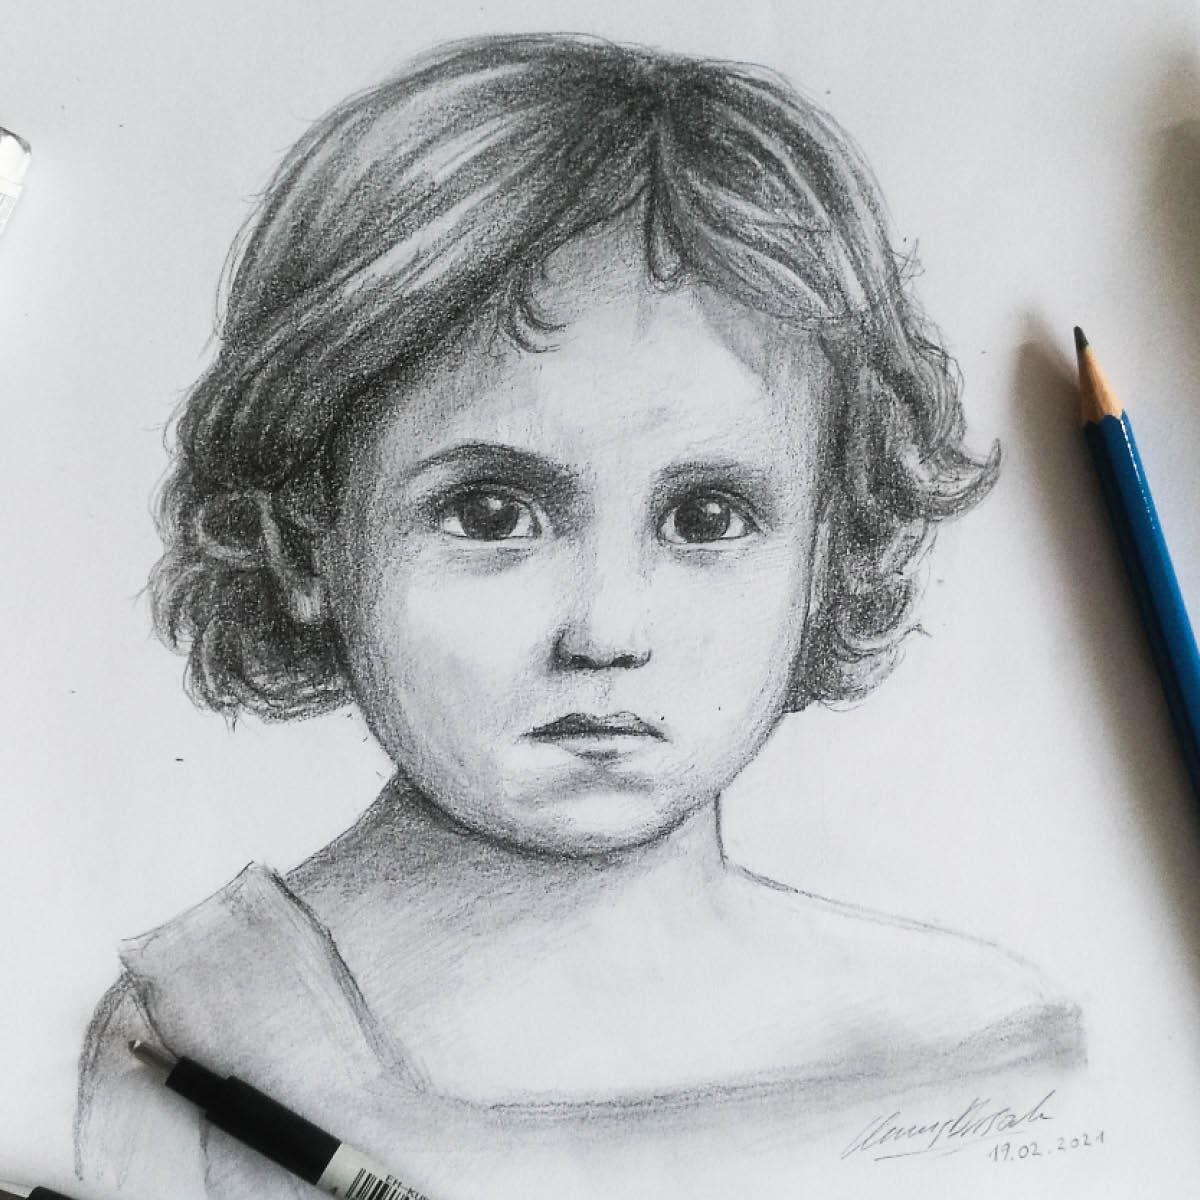 Titelbild Porträtzeichnung Uroma als Kind